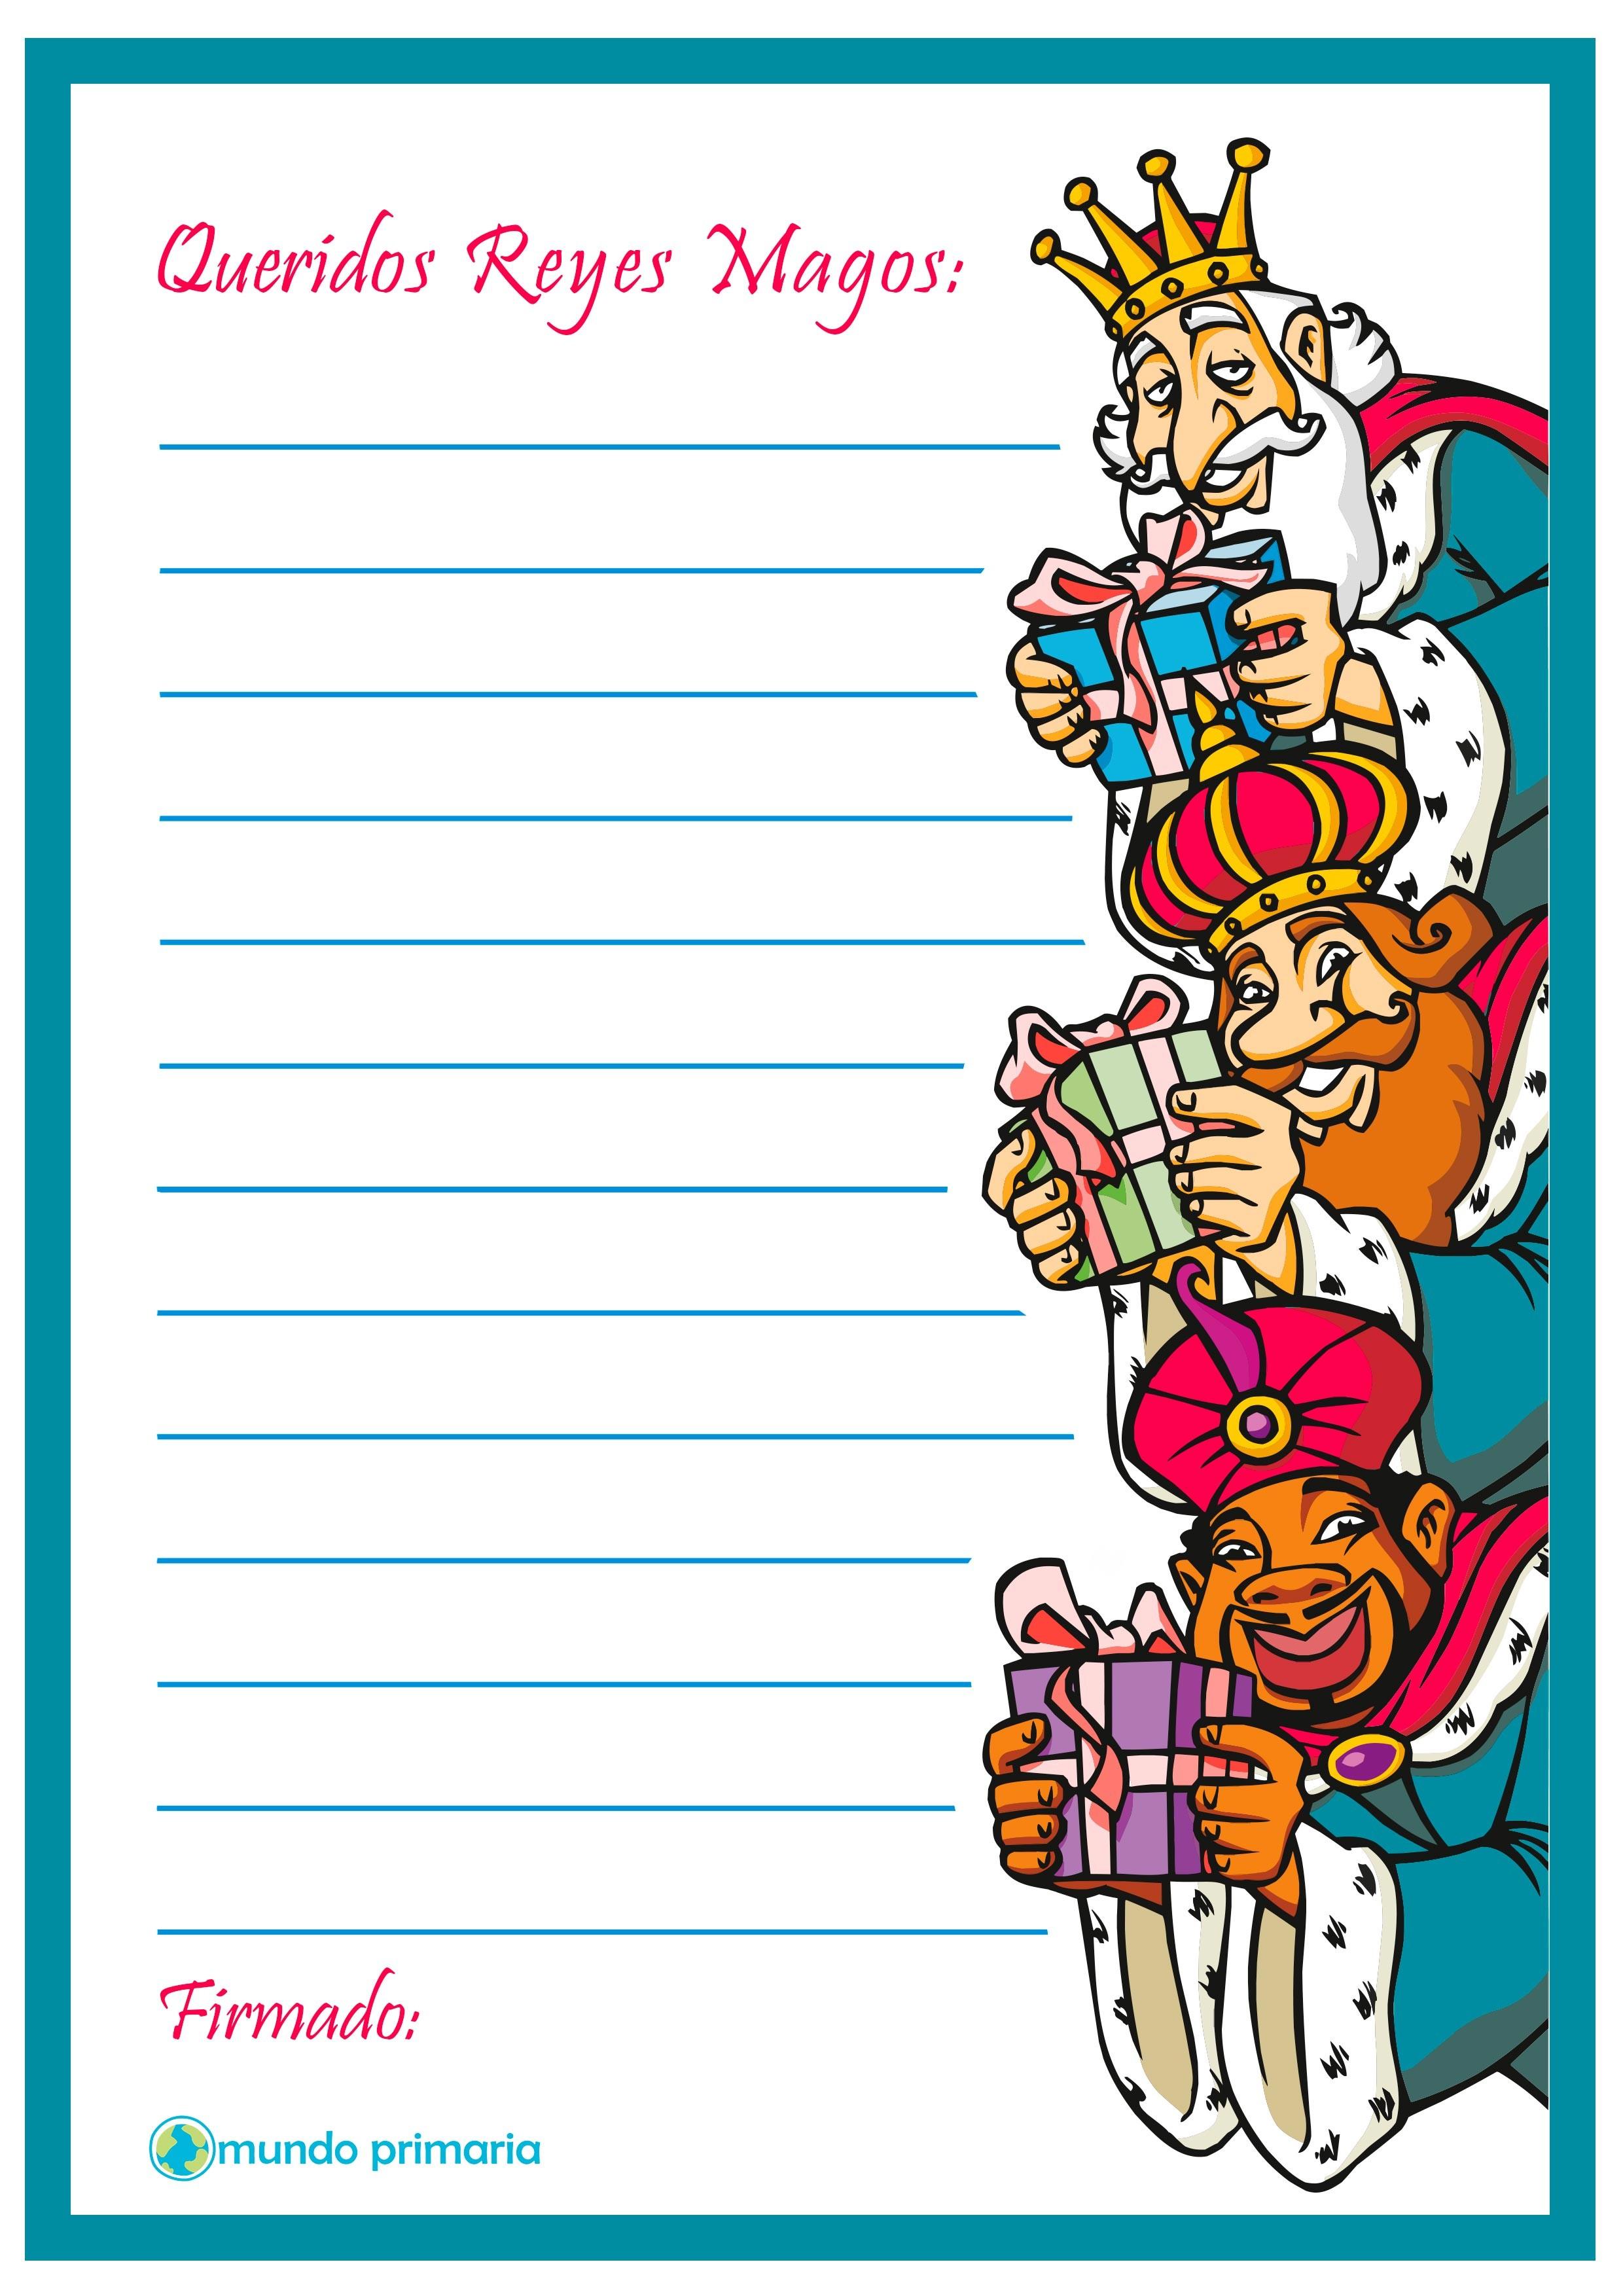 Calendario Para Imprimir 2019 Escolar Más Populares Más De 50 Cartas Para Enviar A Los Reyes Para Imprimir Y Descargar Of Calendario Para Imprimir 2019 Escolar Más Caliente Fin De A±o Escolar 2018 Republica Dominicana Chungcuso3luongyen